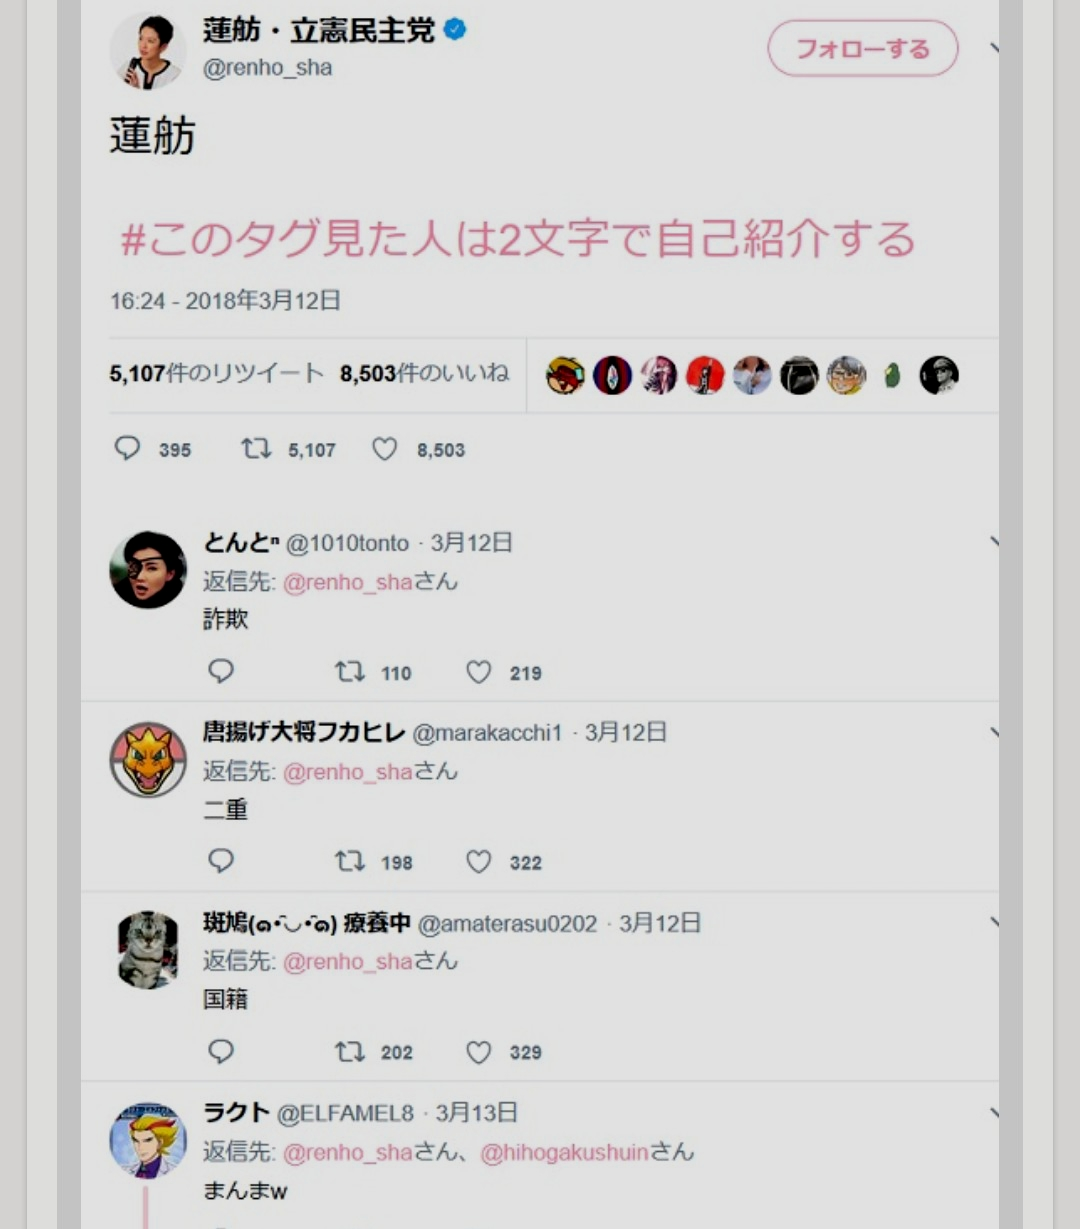 中国 2位 売国 反日 沢山ありすぎる蓮舫www